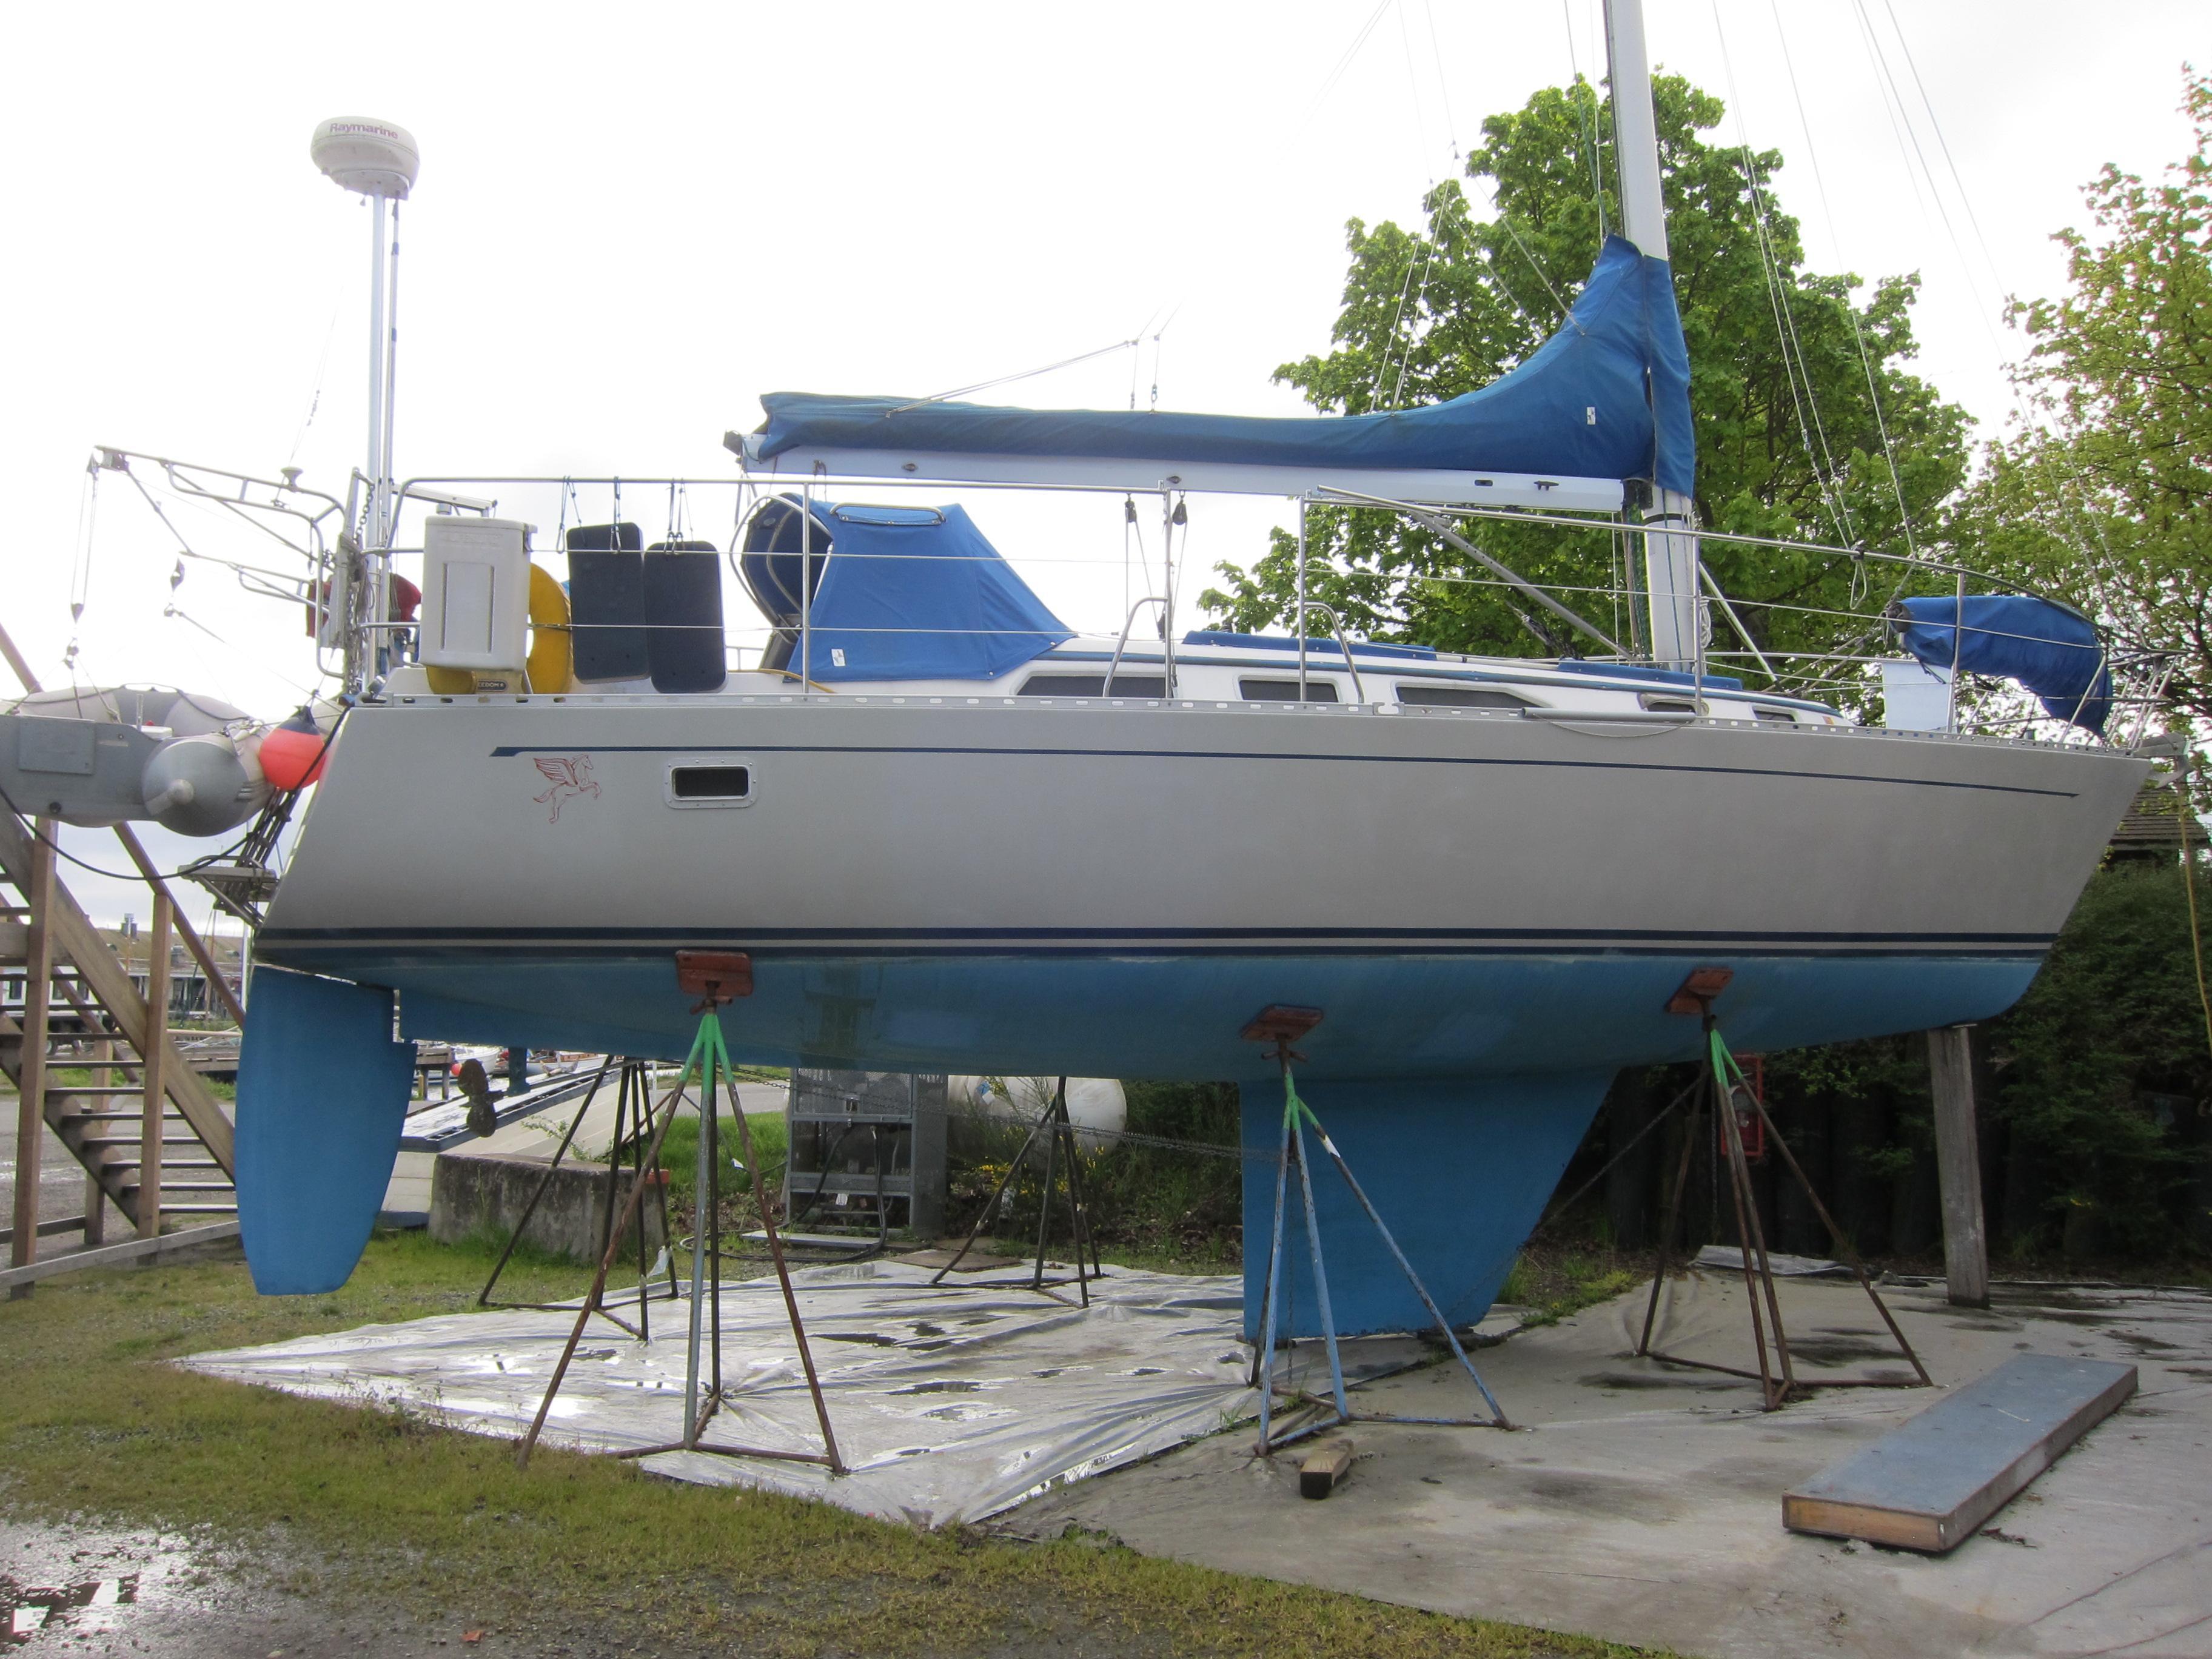 Freedom 36 Sloop, Port Hadlock